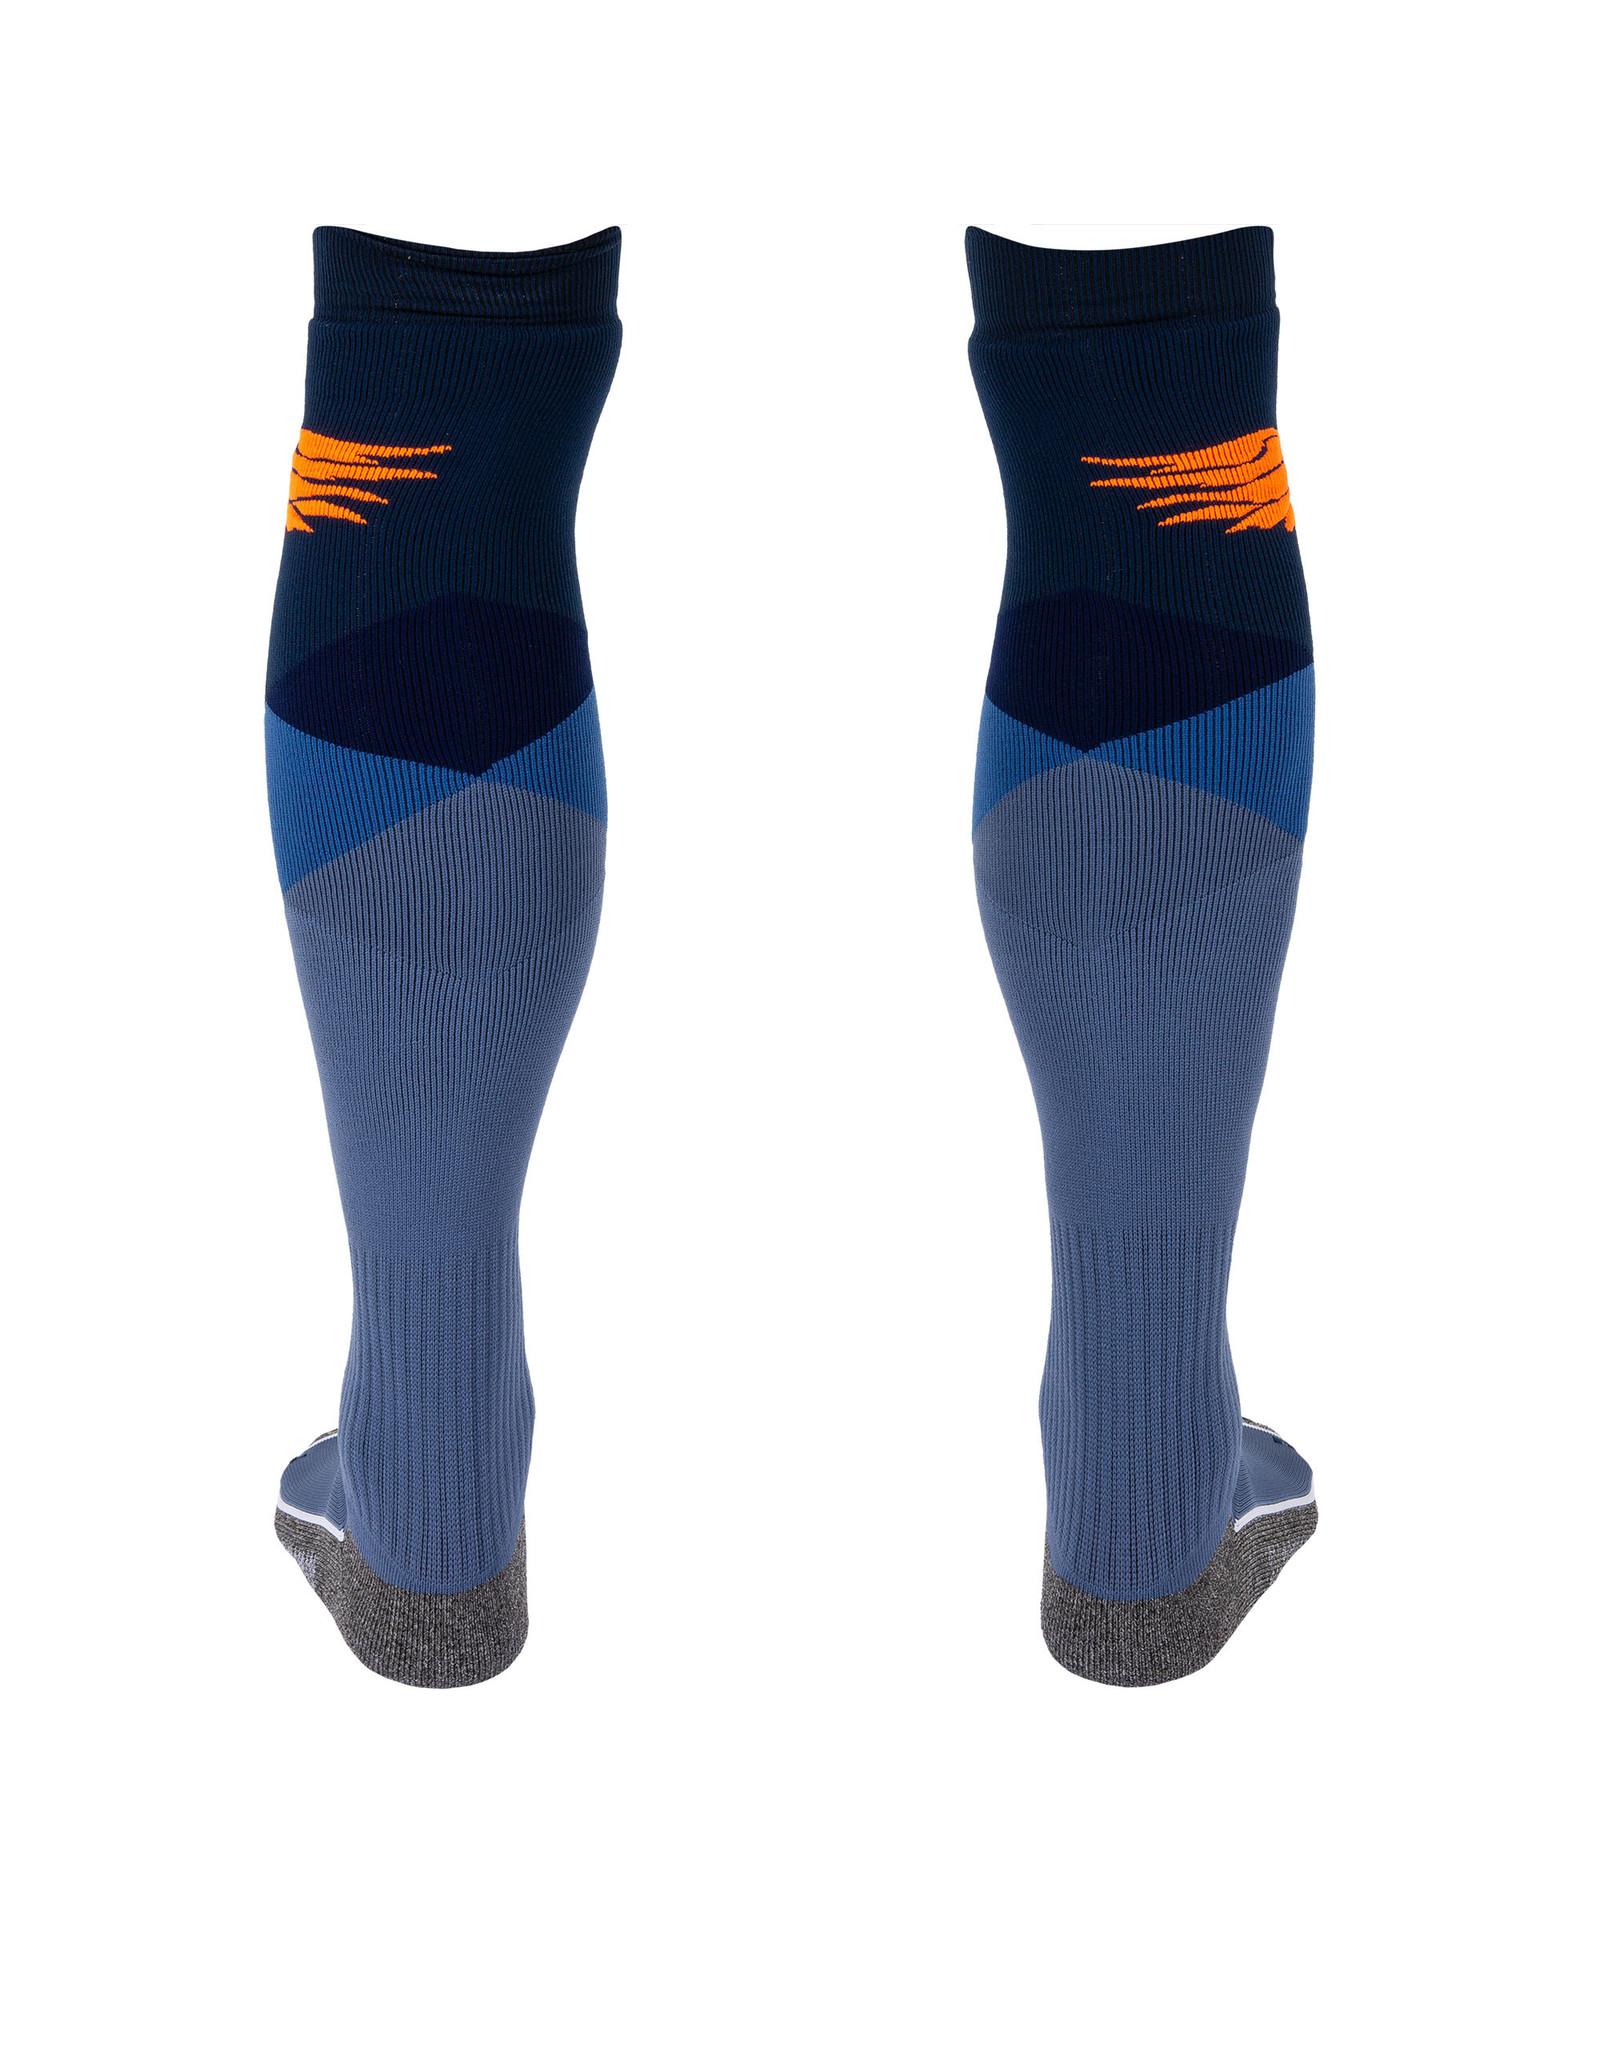 Amaroo Socks